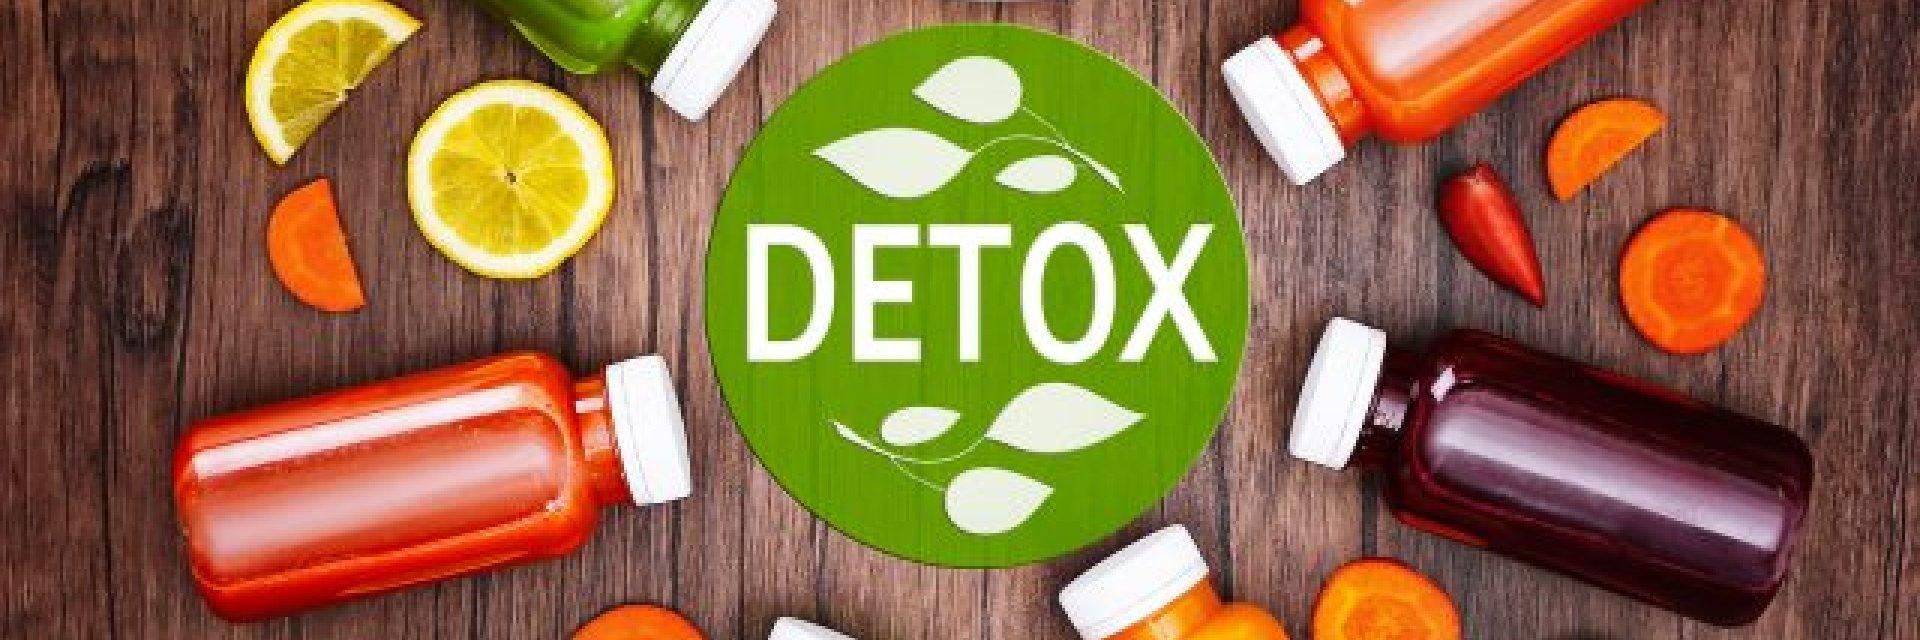 Dieta owocowo - warzywna DETOX